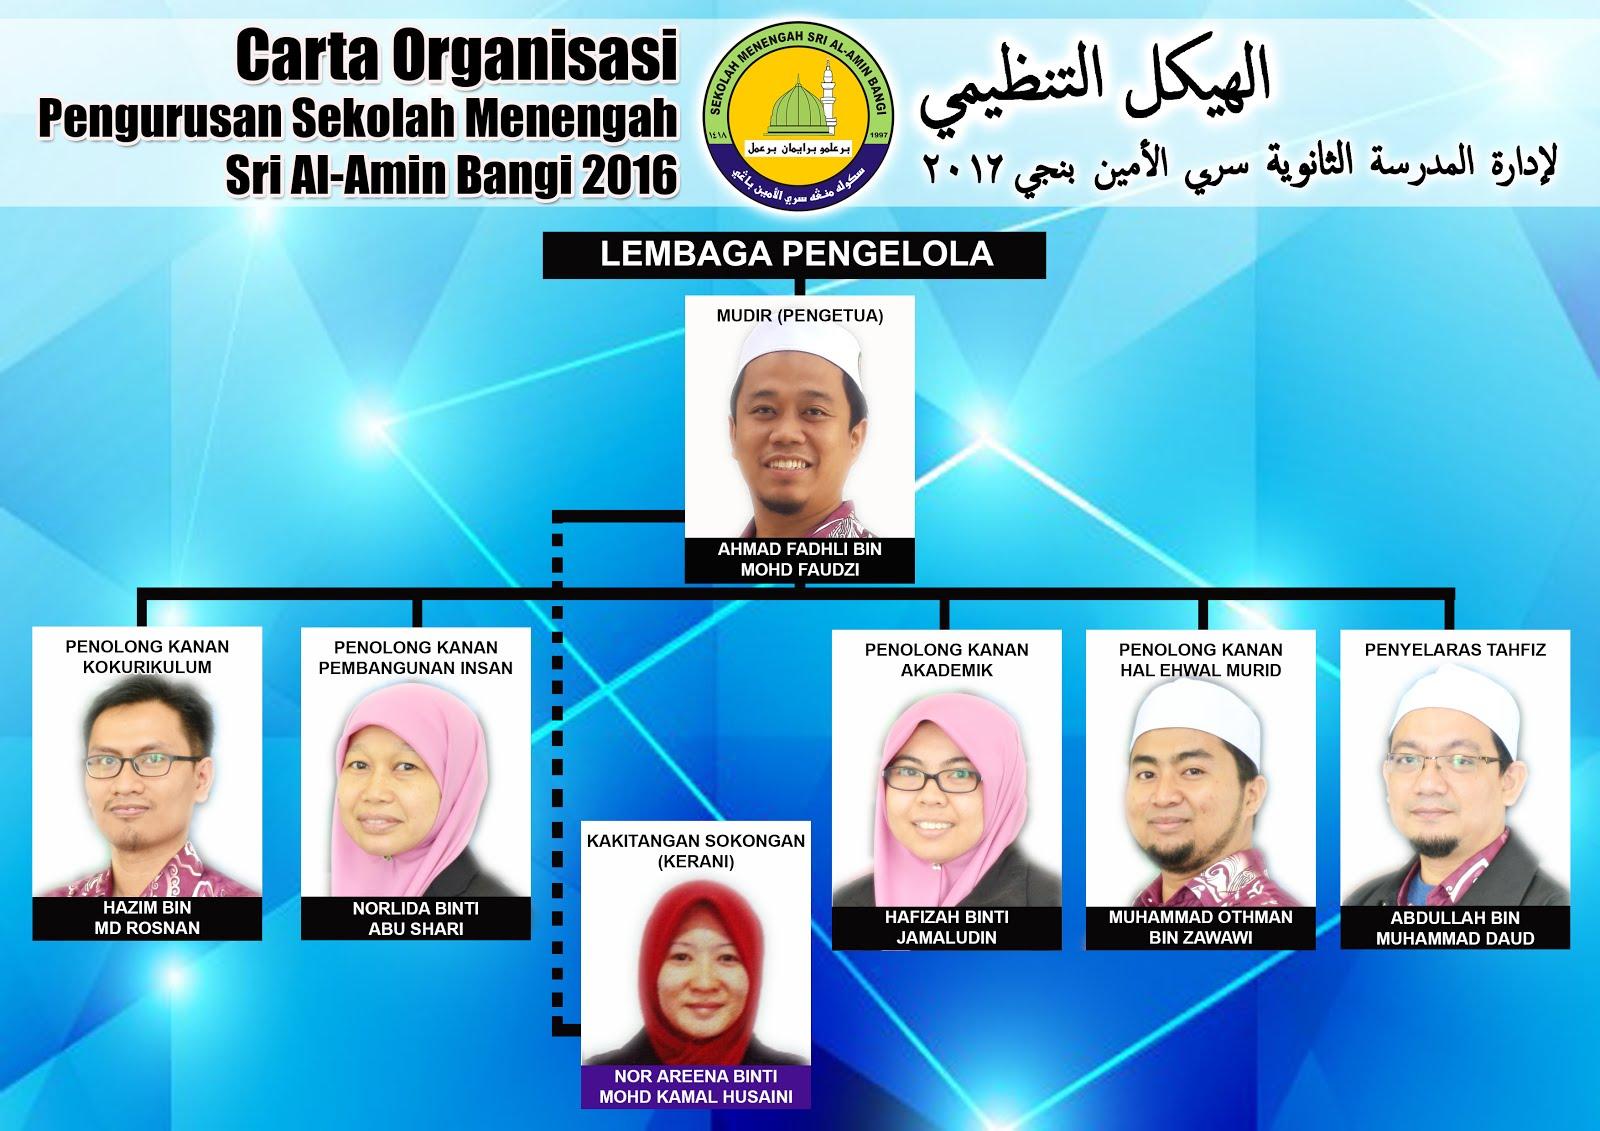 CARTA ORGANISASI SM SAAB 2016